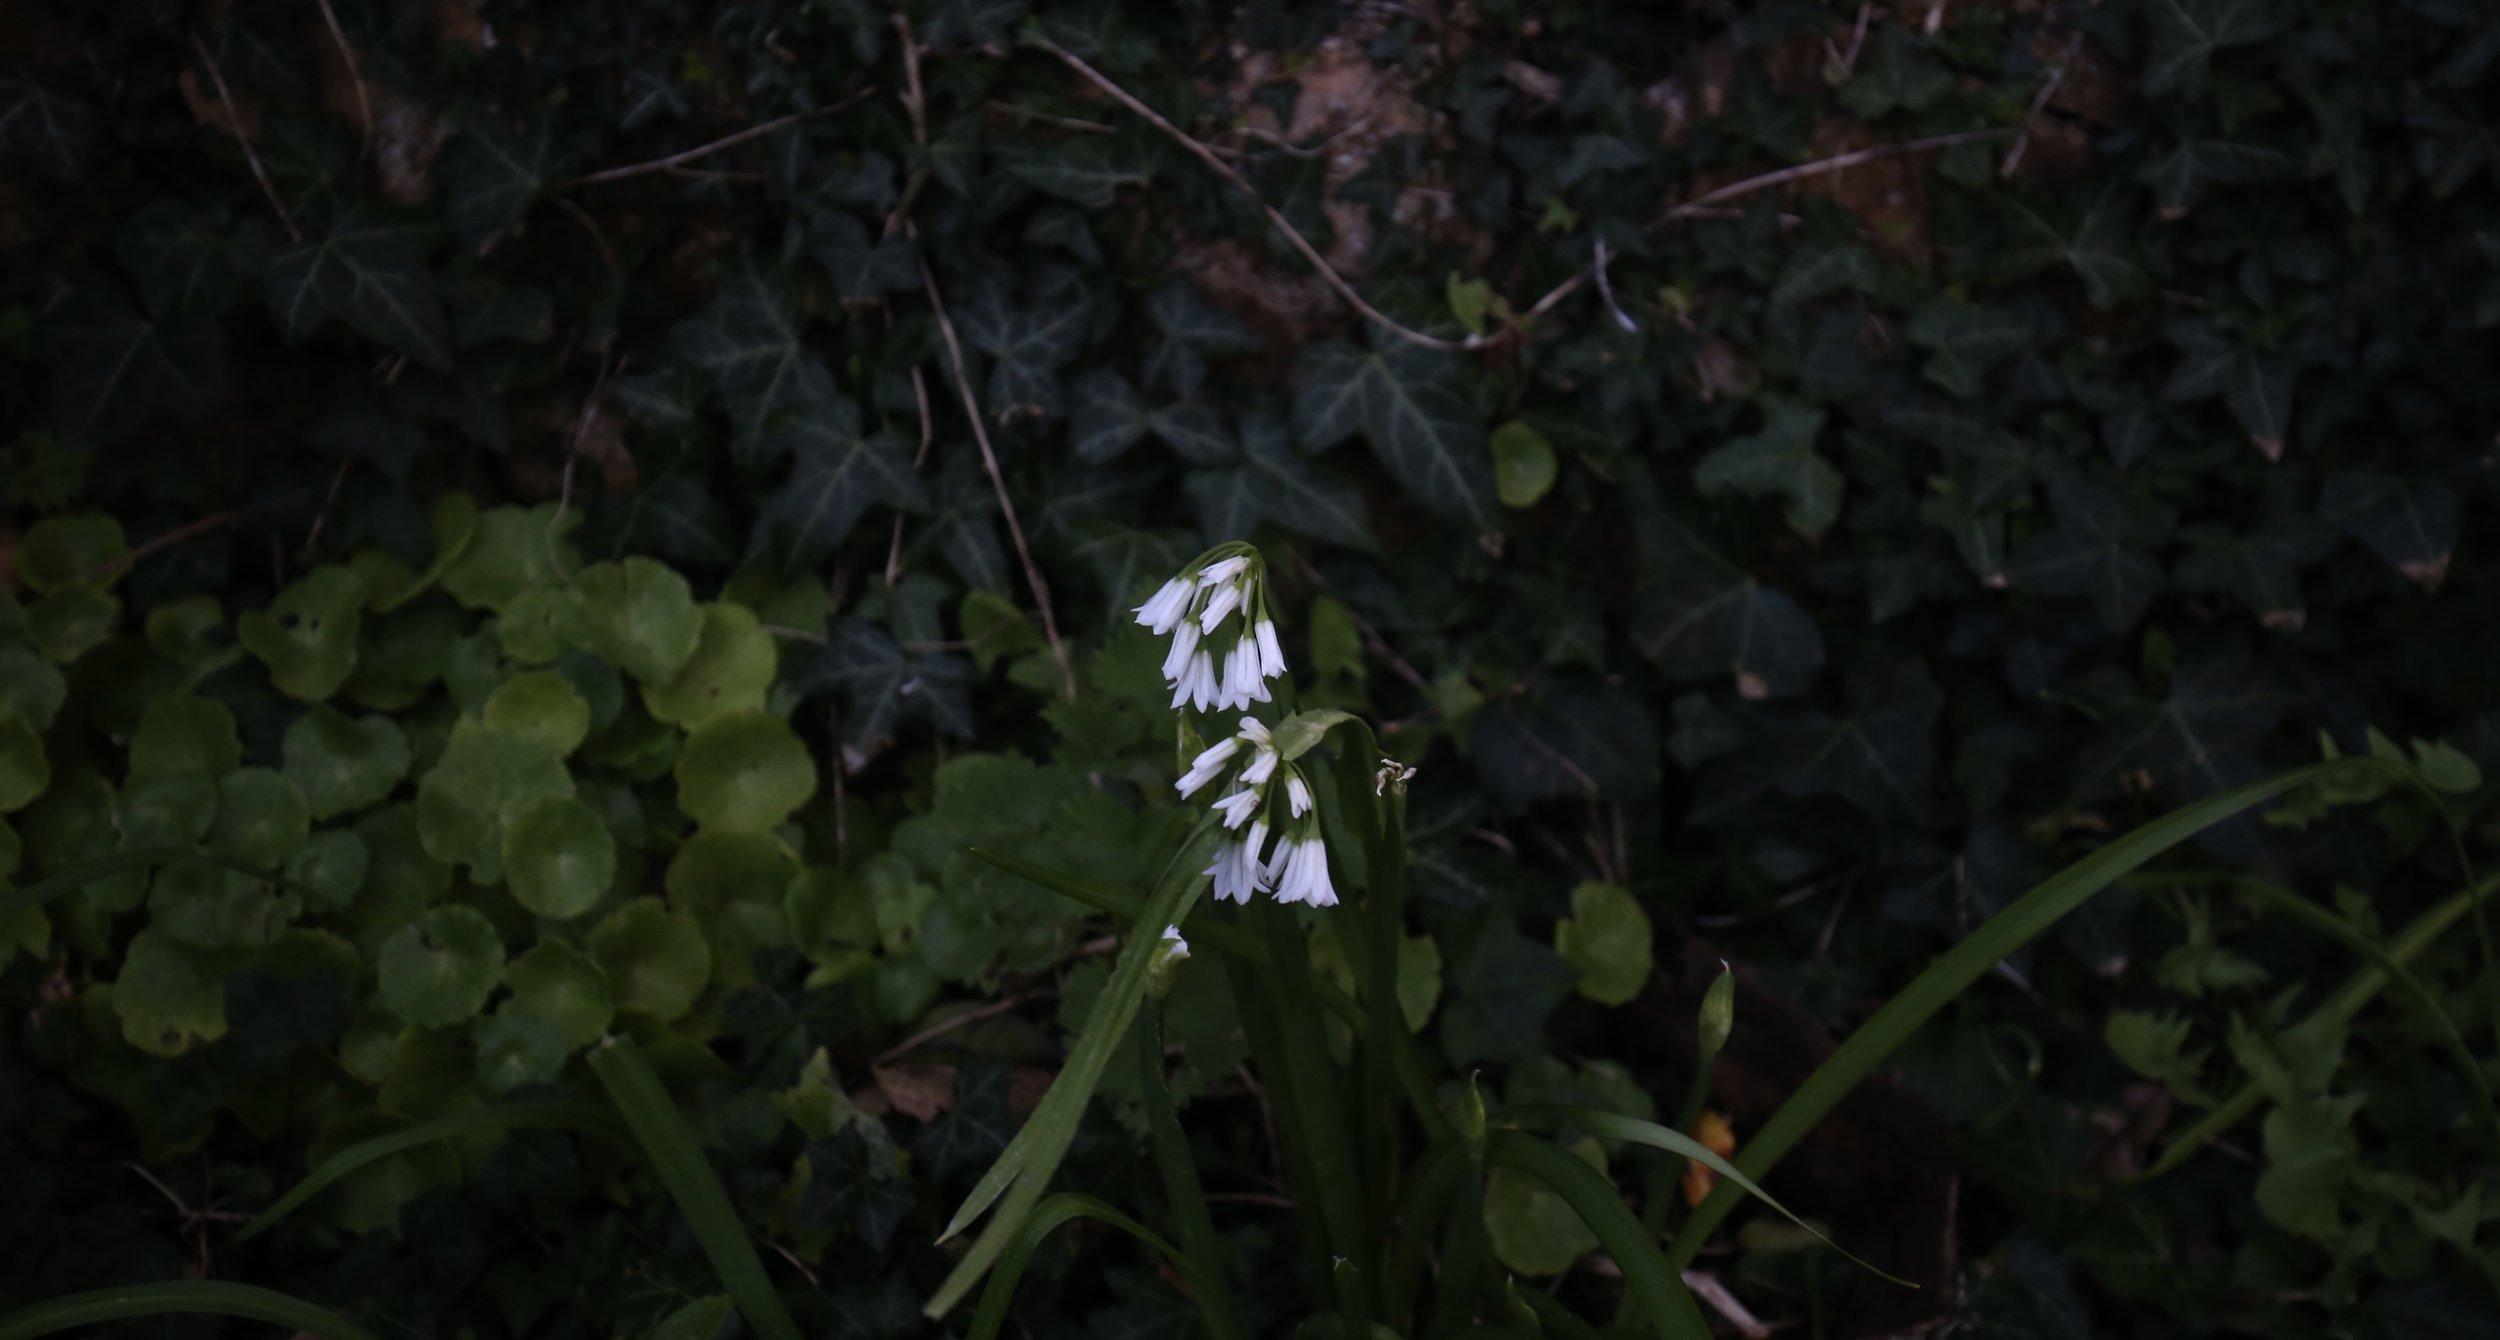 White snowdrops in the dark.